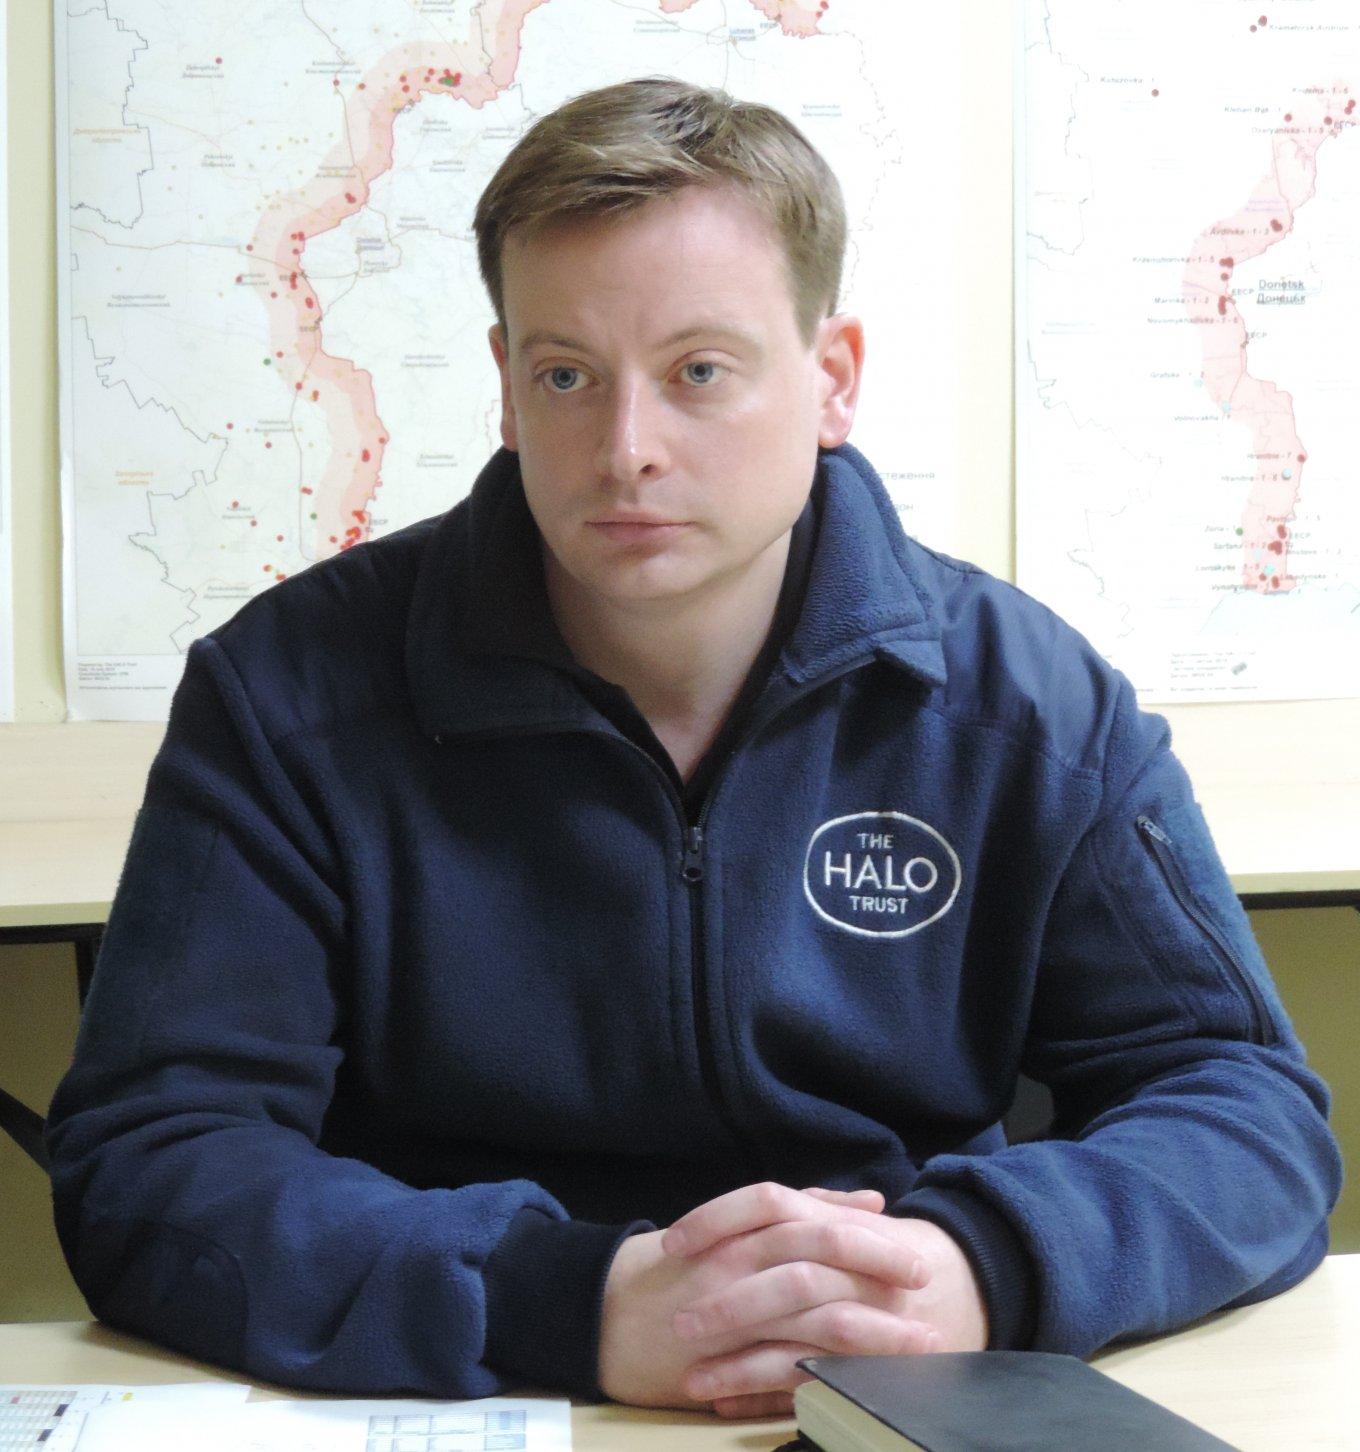 Керівник програми The HALO Trust в Україні Тобіас РОБІНСОН